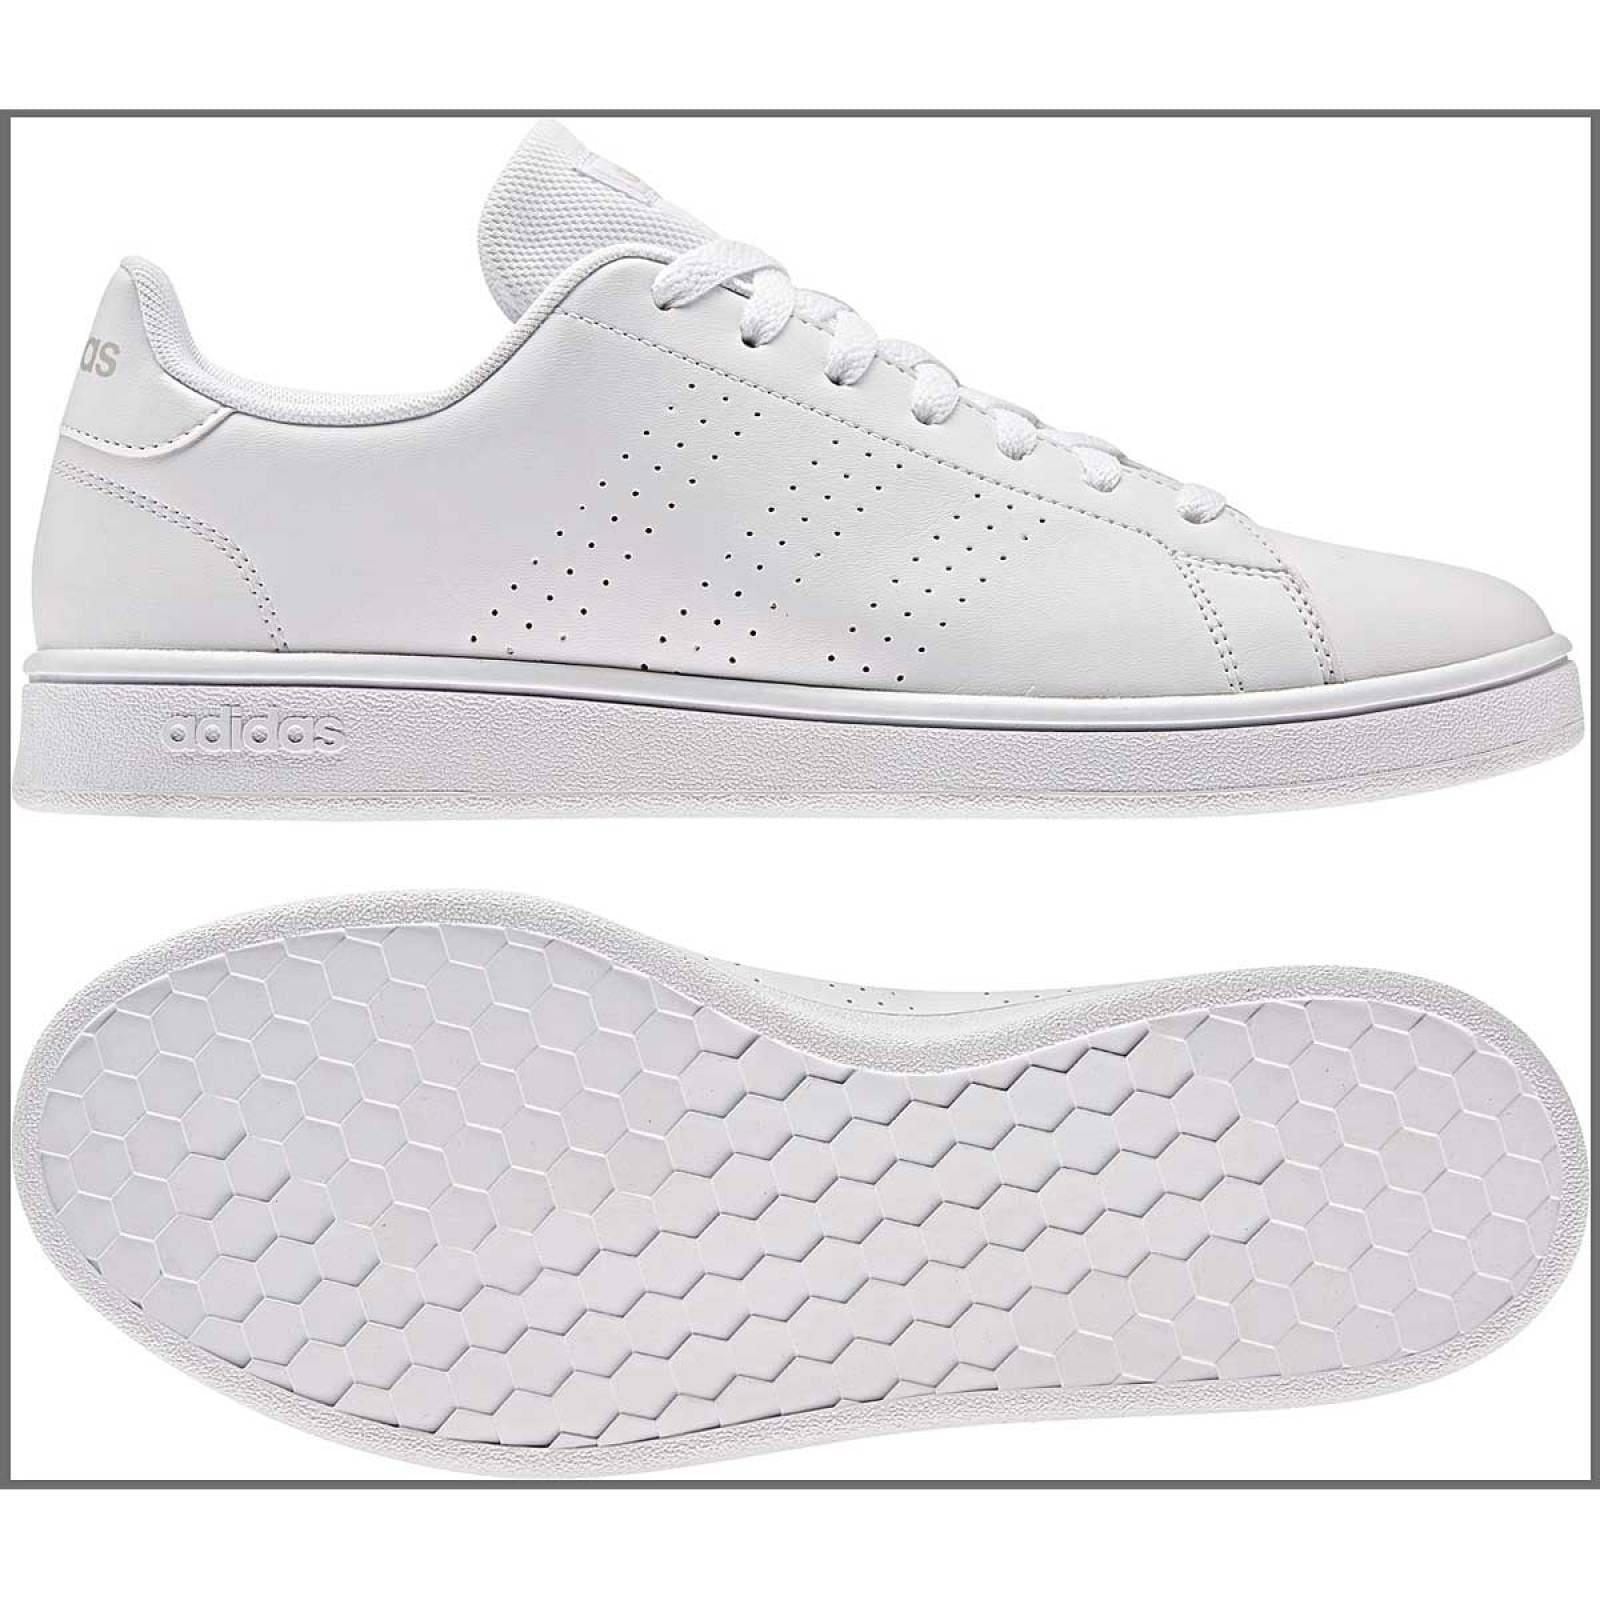 Adidas Tenis Hombre Blanco